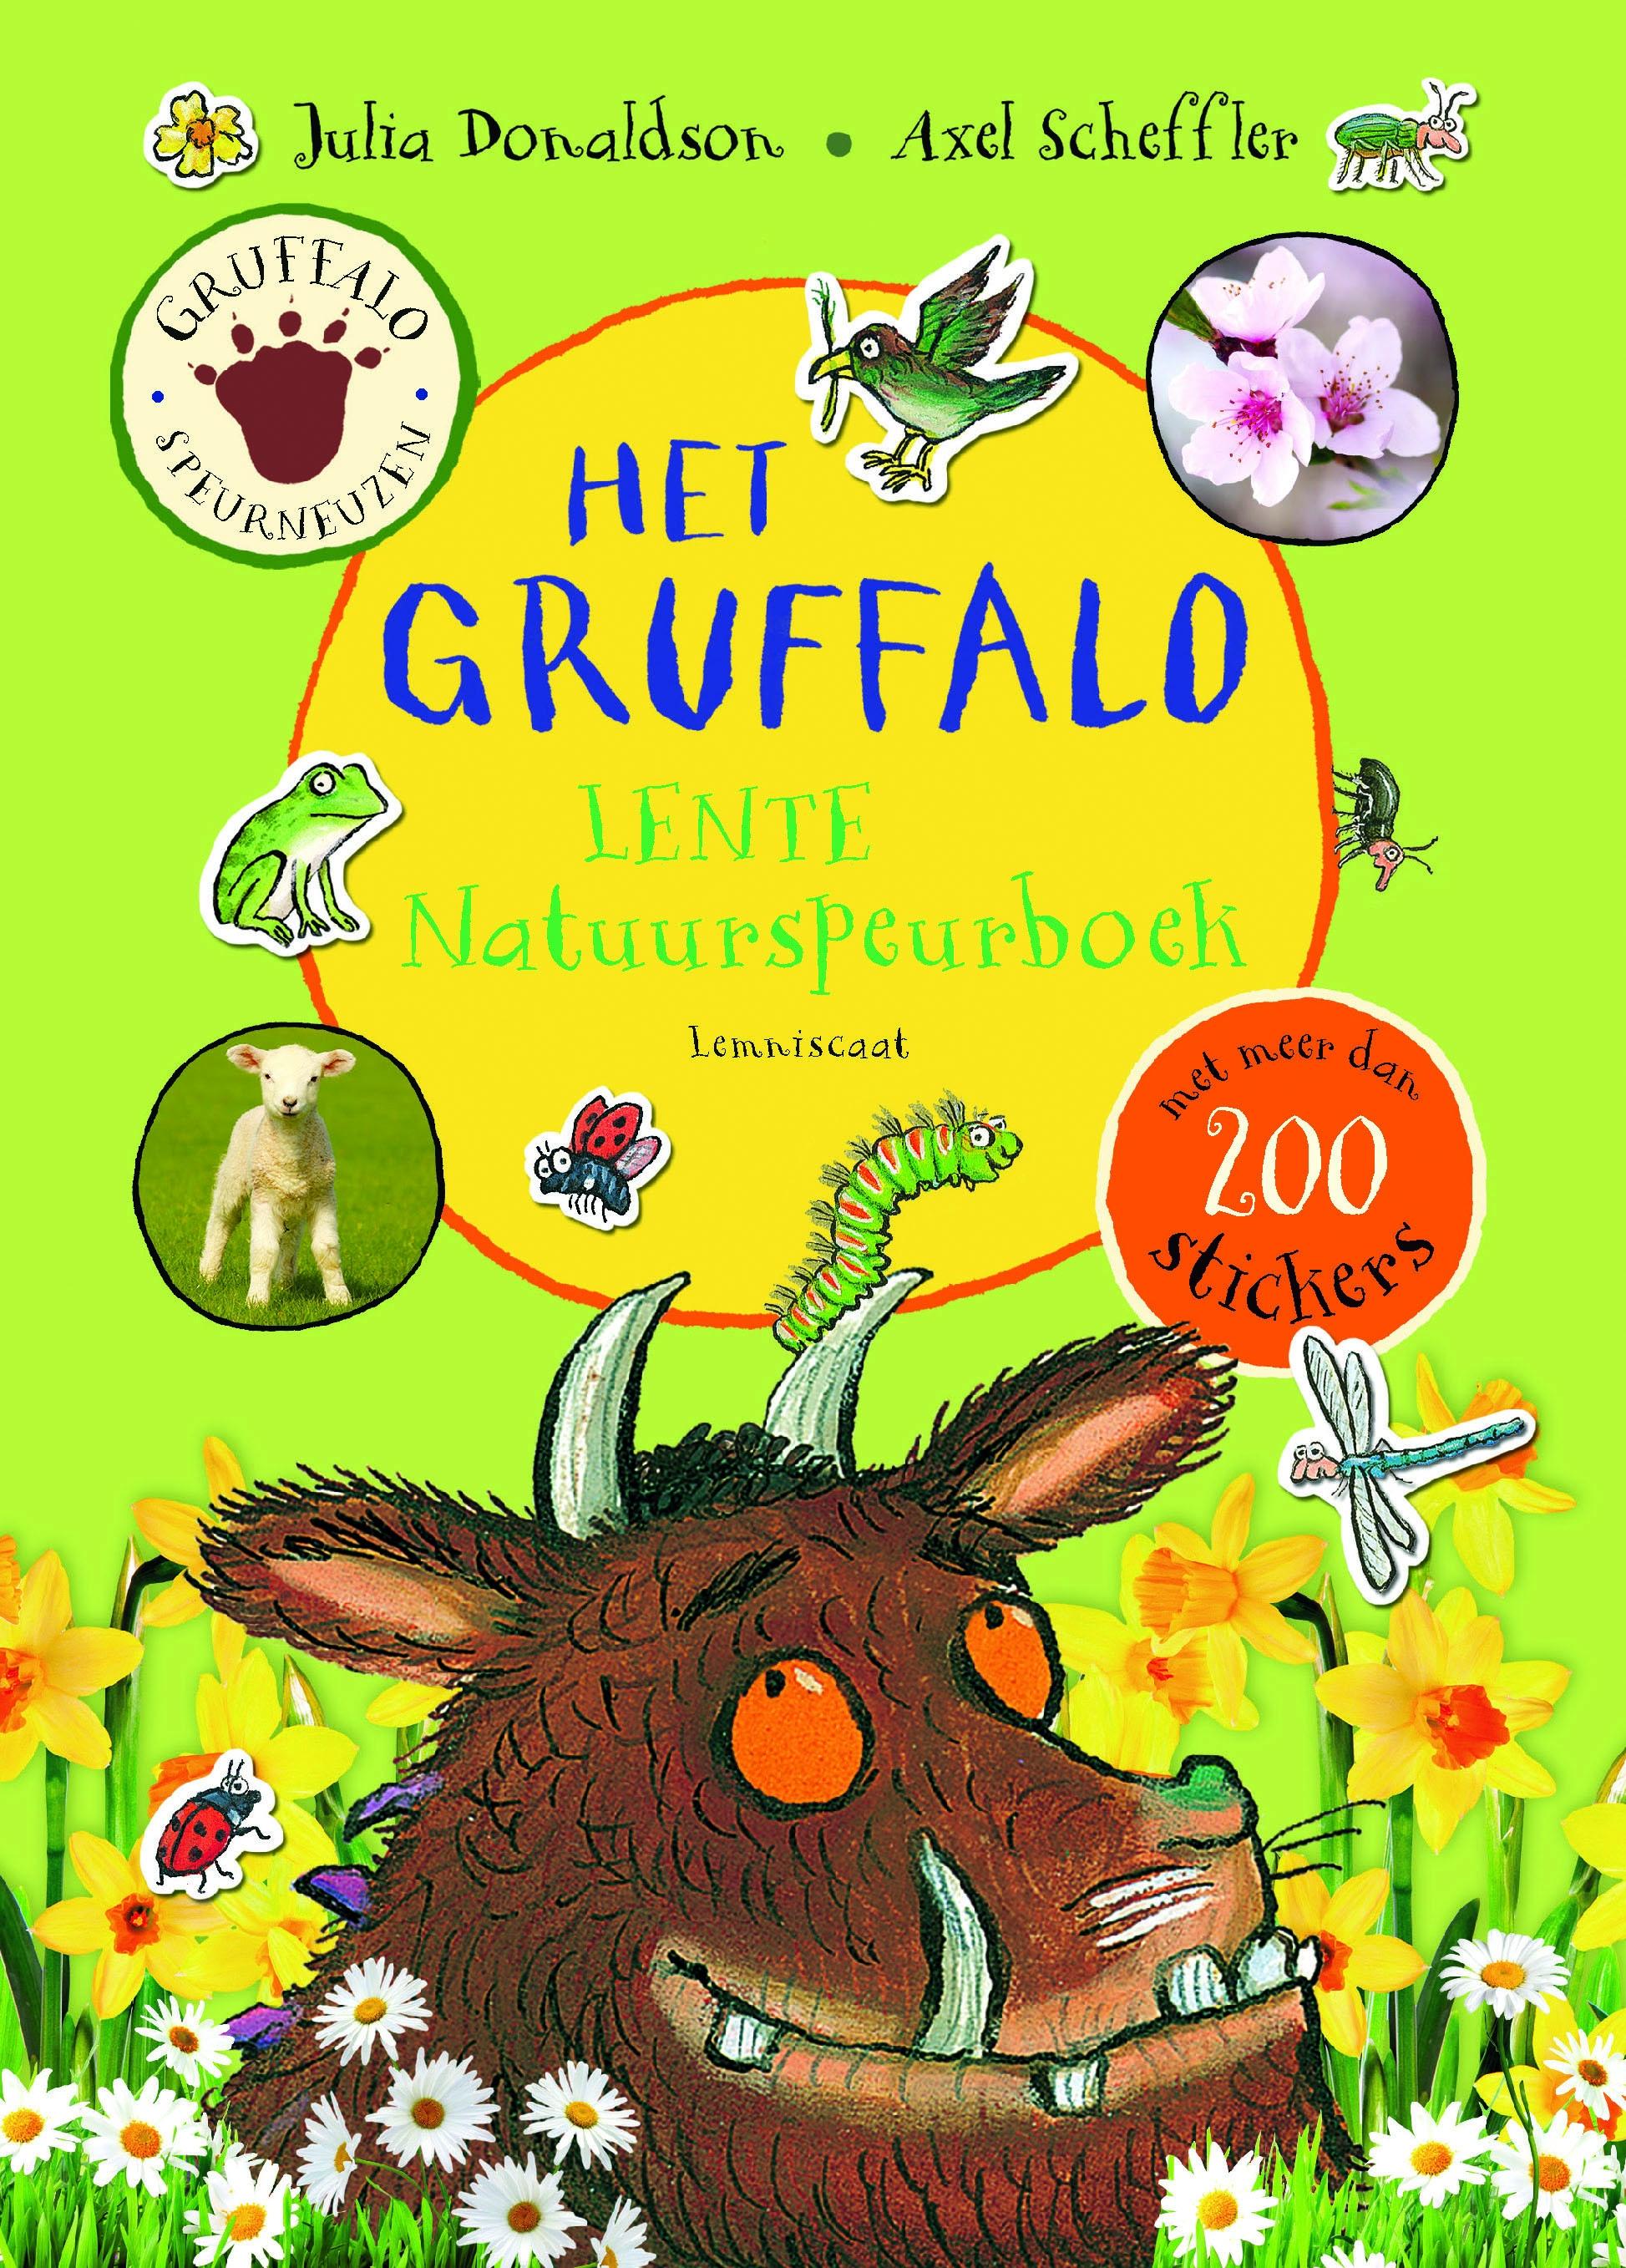 Gruffalo Lente Natuurspeurboek – Julia Donaldson en Axel Scheffler